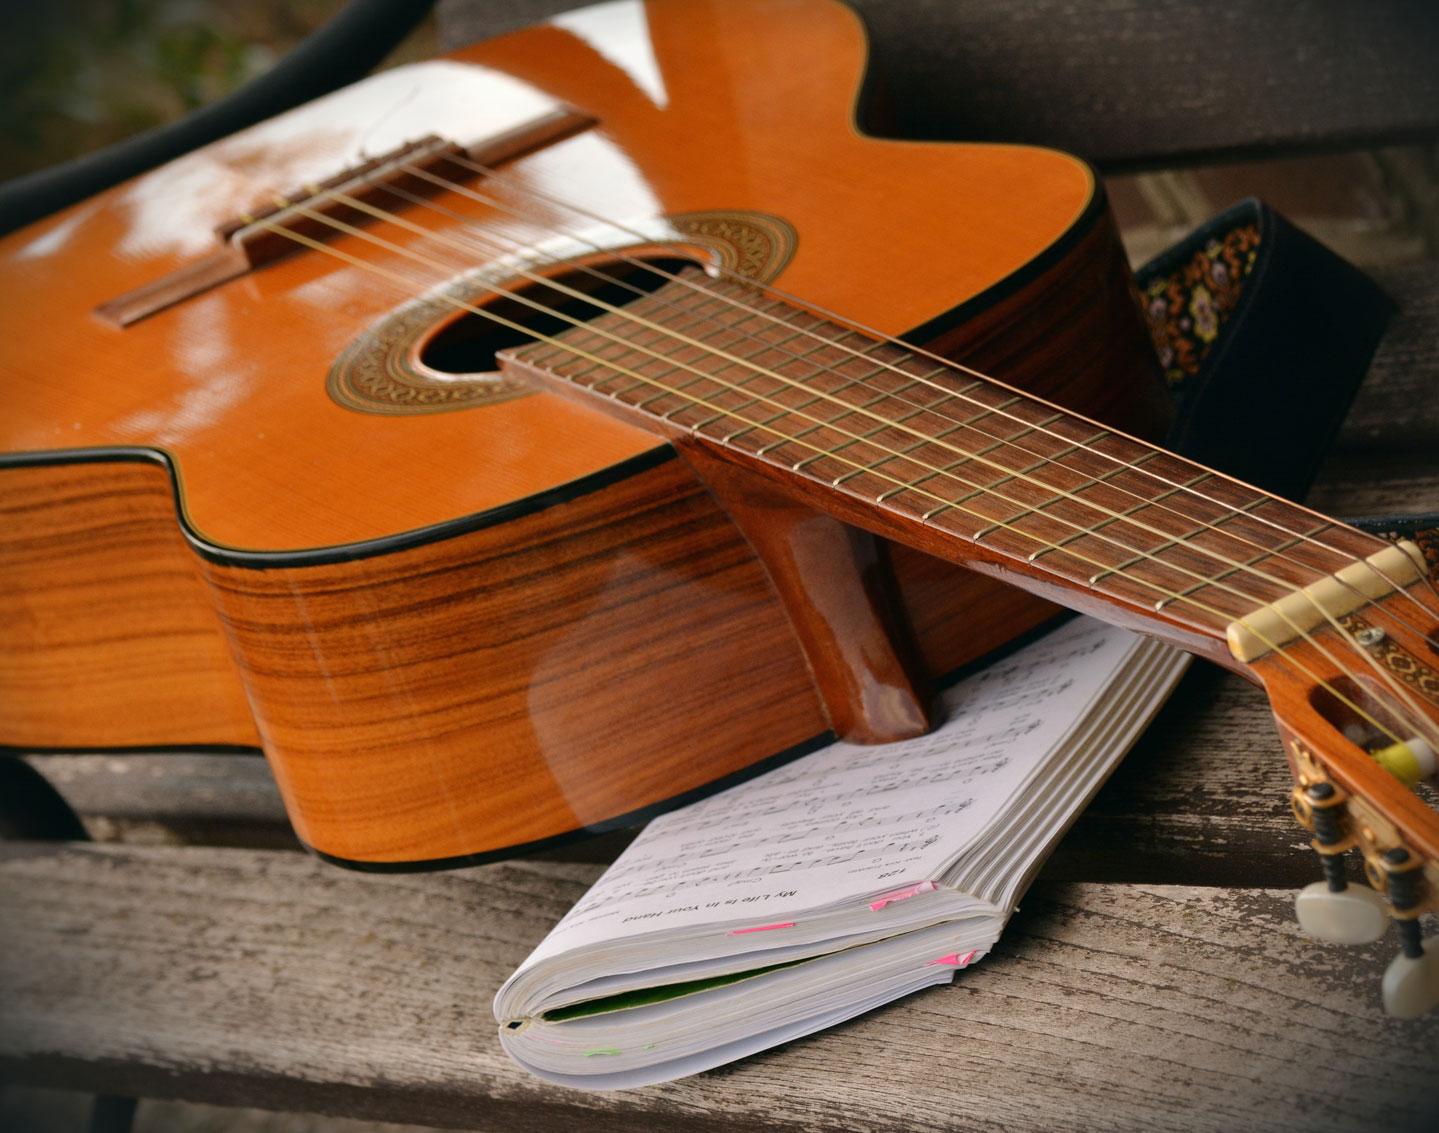 gitaar leren spelen op klassieke gitaar met notenboek